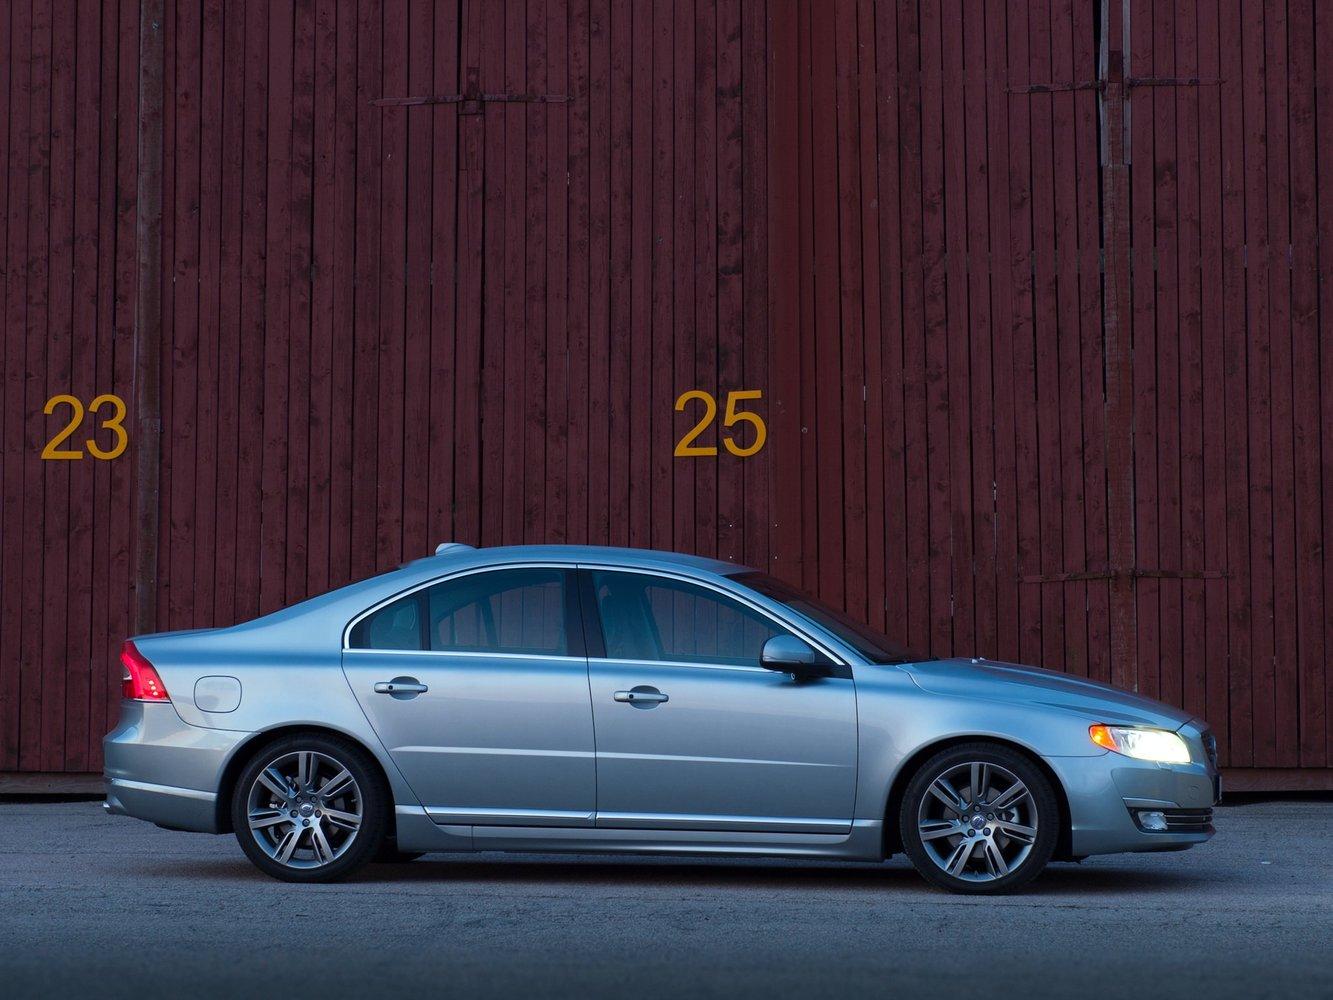 Volvo S80 (Вольво S80) 2020 - обзор модели c фото и видео